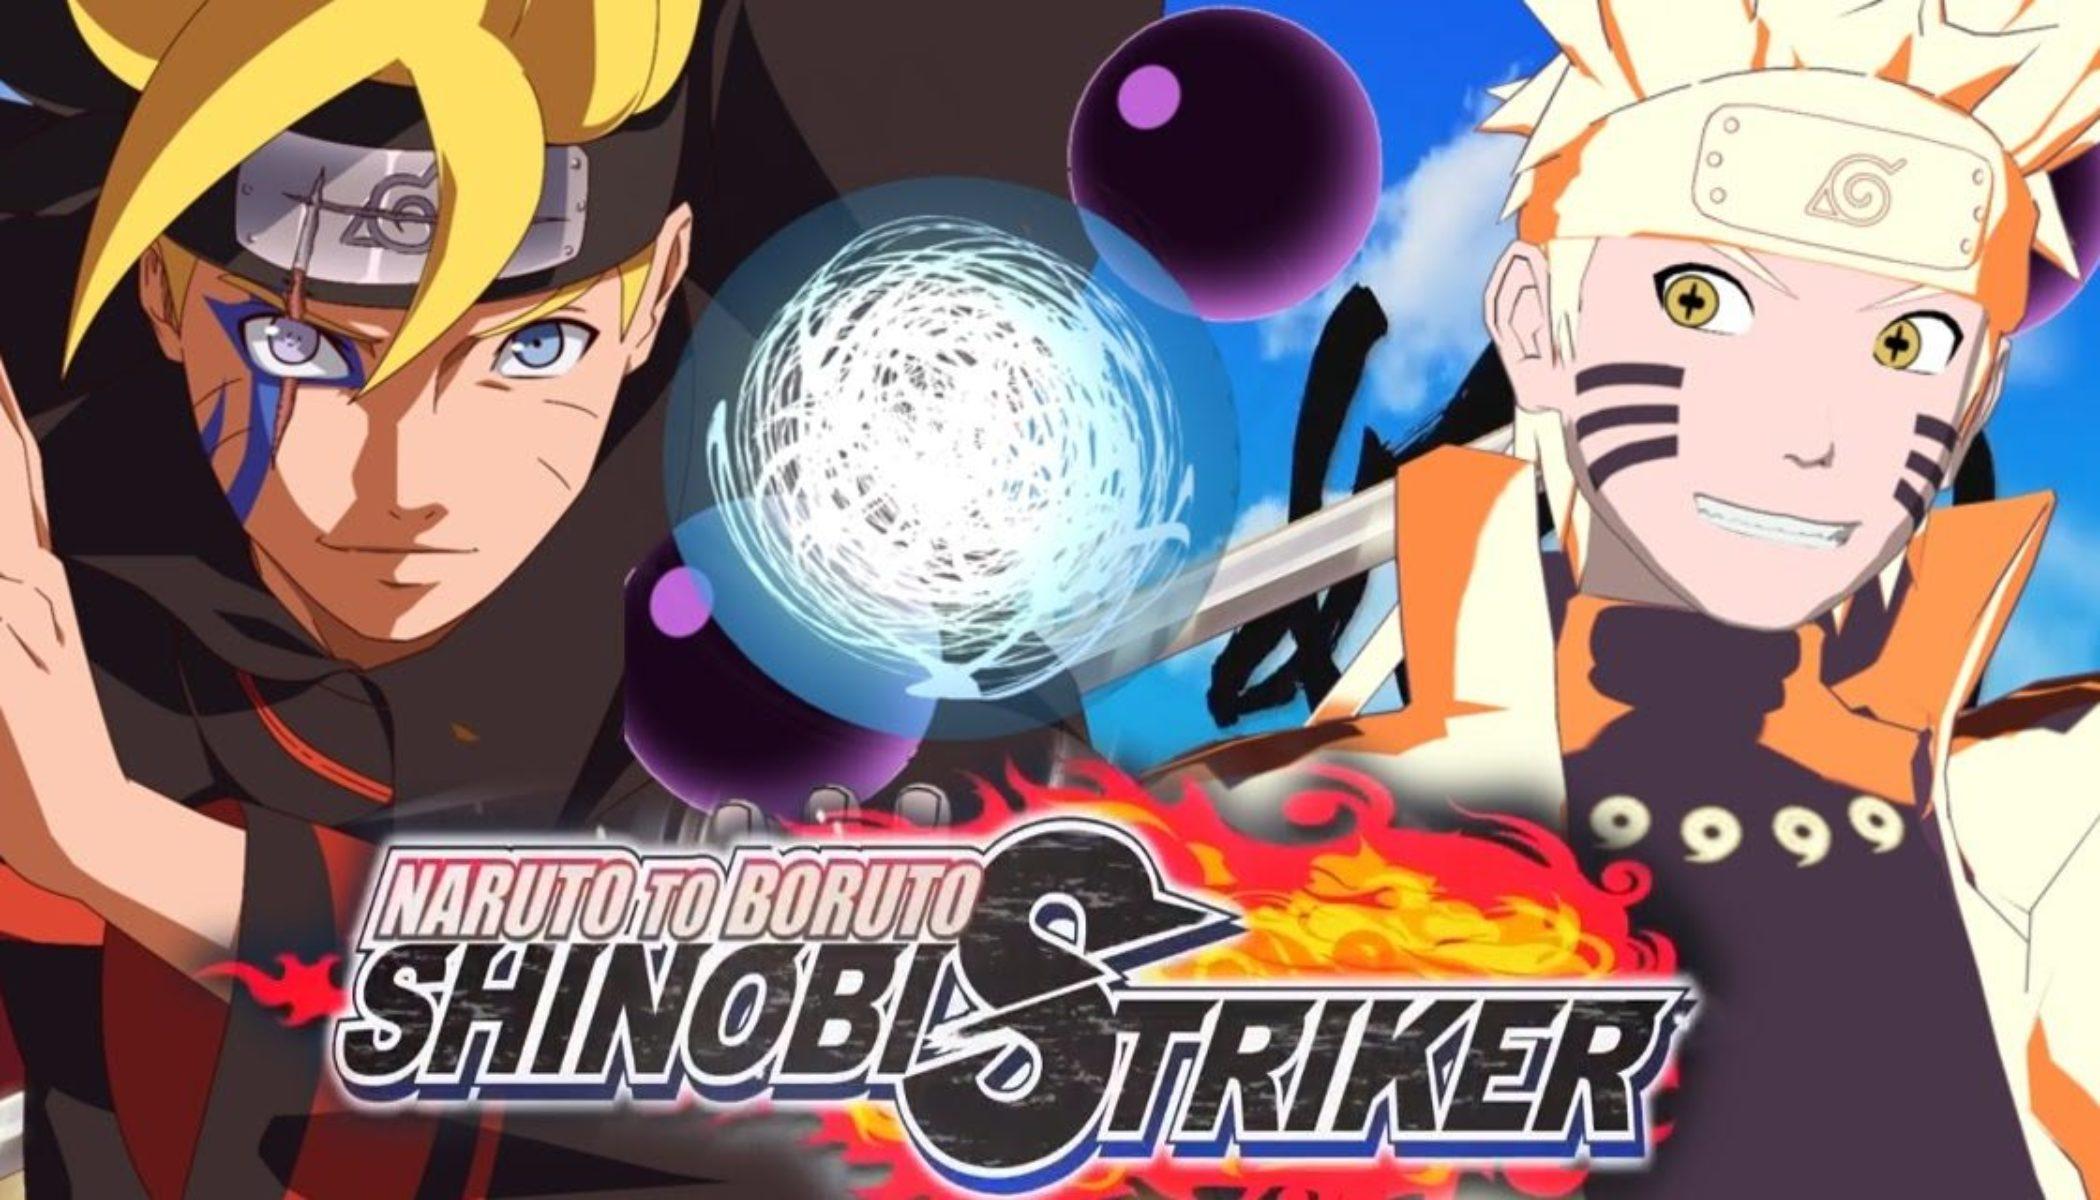 Naruto to Boruto: Shinobi Striker Gameplay Trailer - Gaming